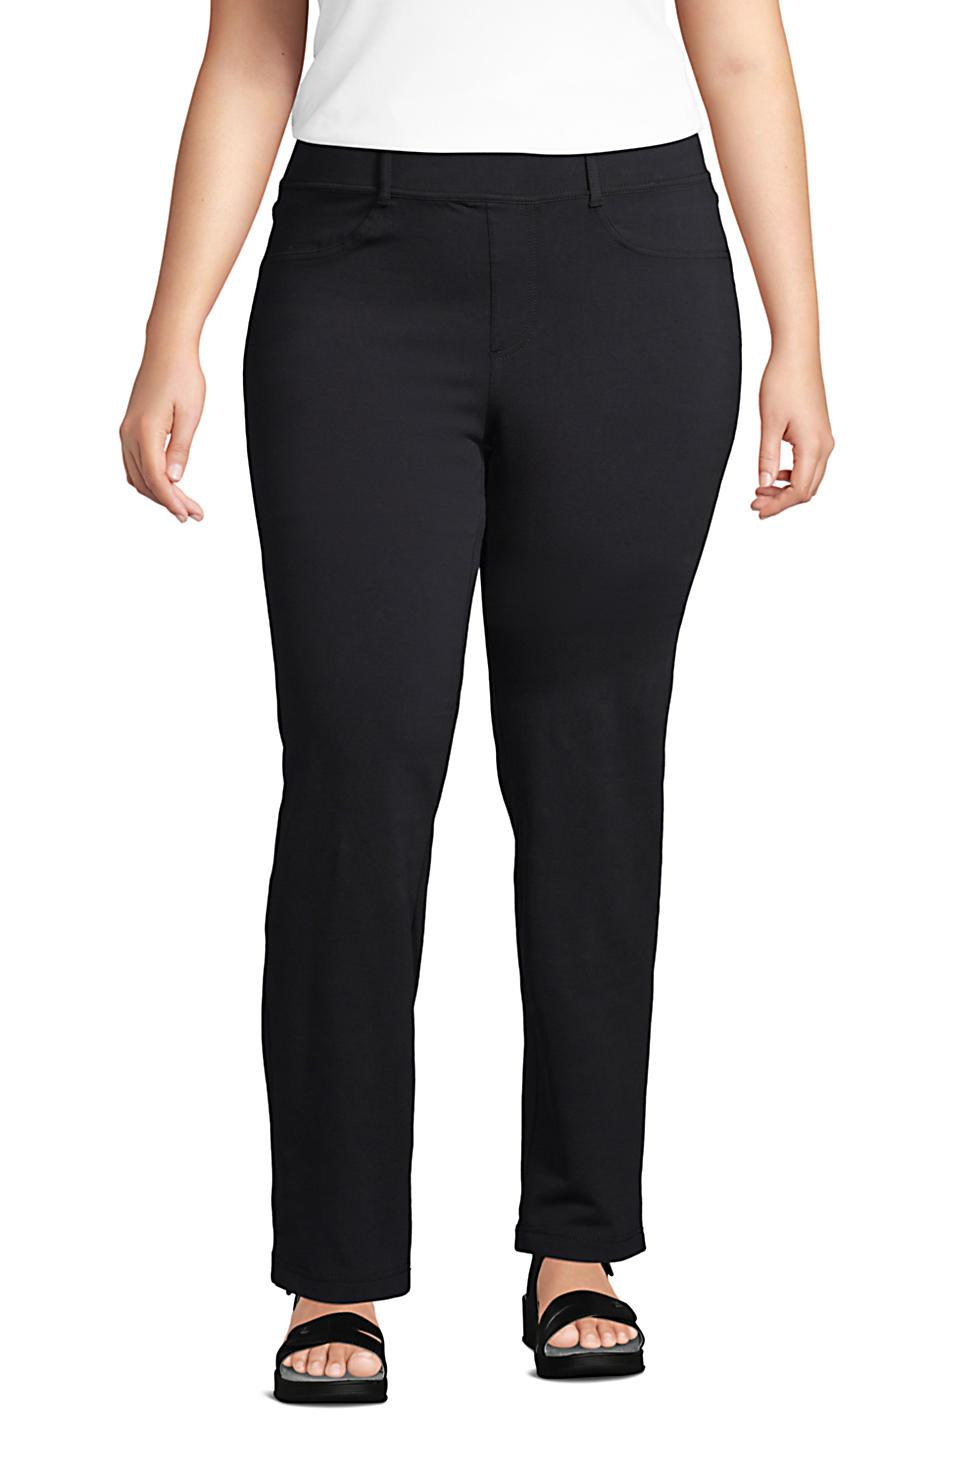 Lands End Women's Plus Size Starfish Elastic Waist Knit Jeans